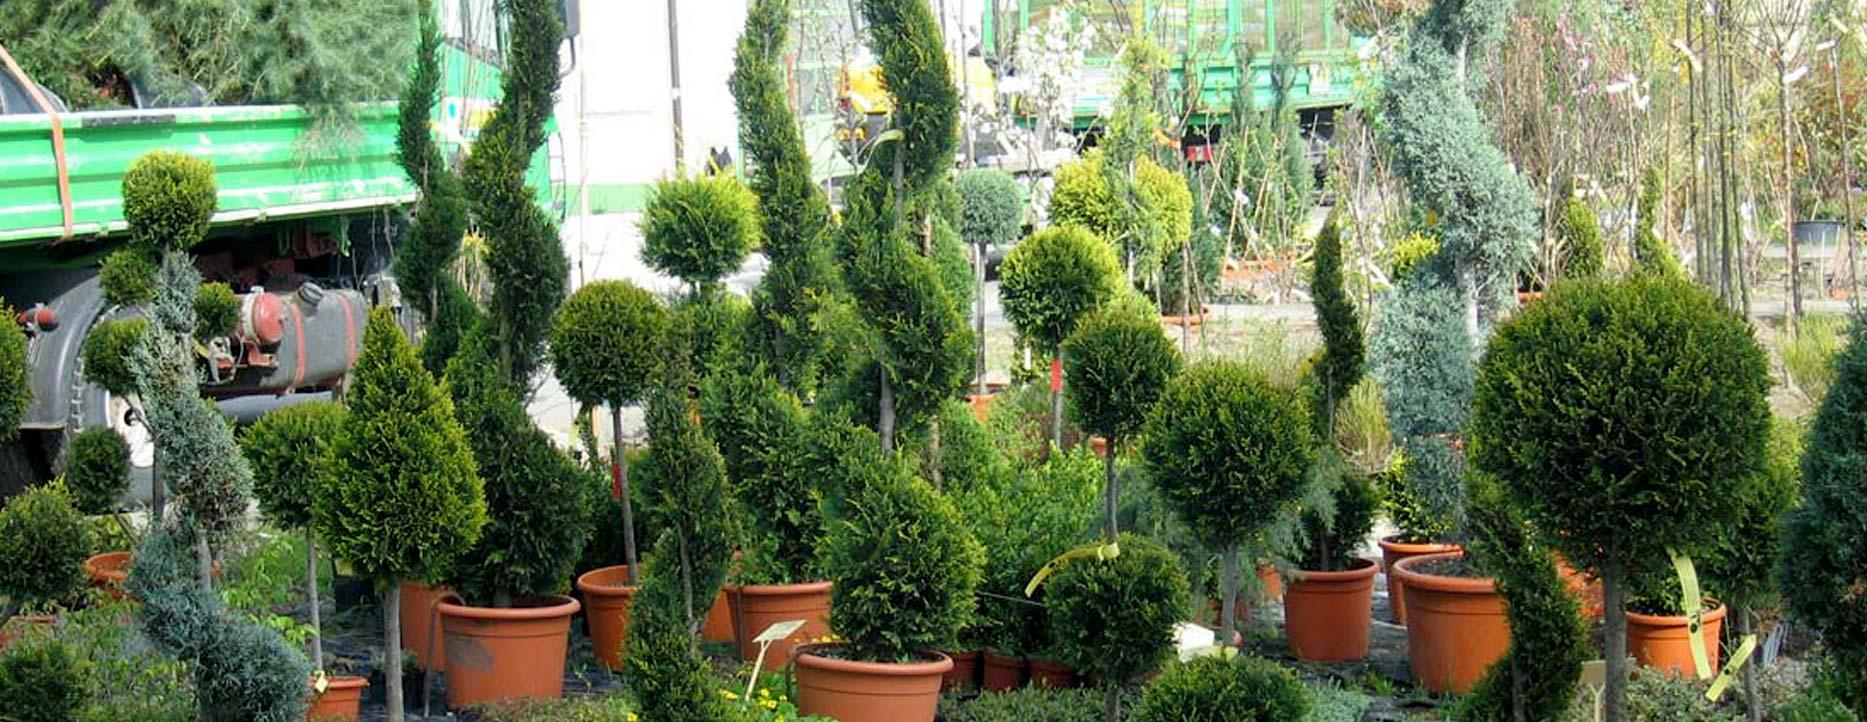 slider-pflanzenverkauf